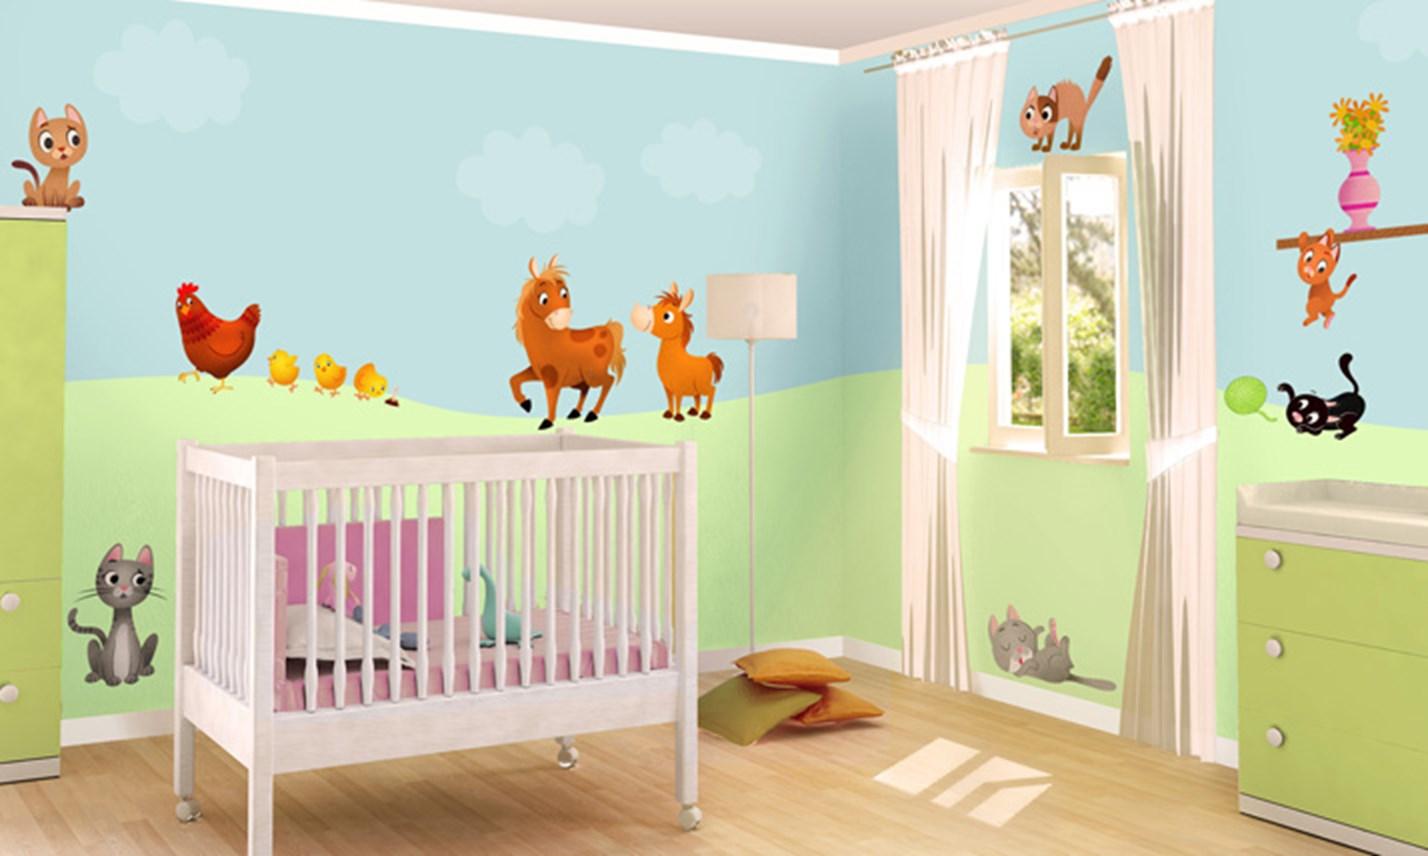 Stickers murali bambini cameretta cuccioli e coccole - Stickers cameretta bambino ...